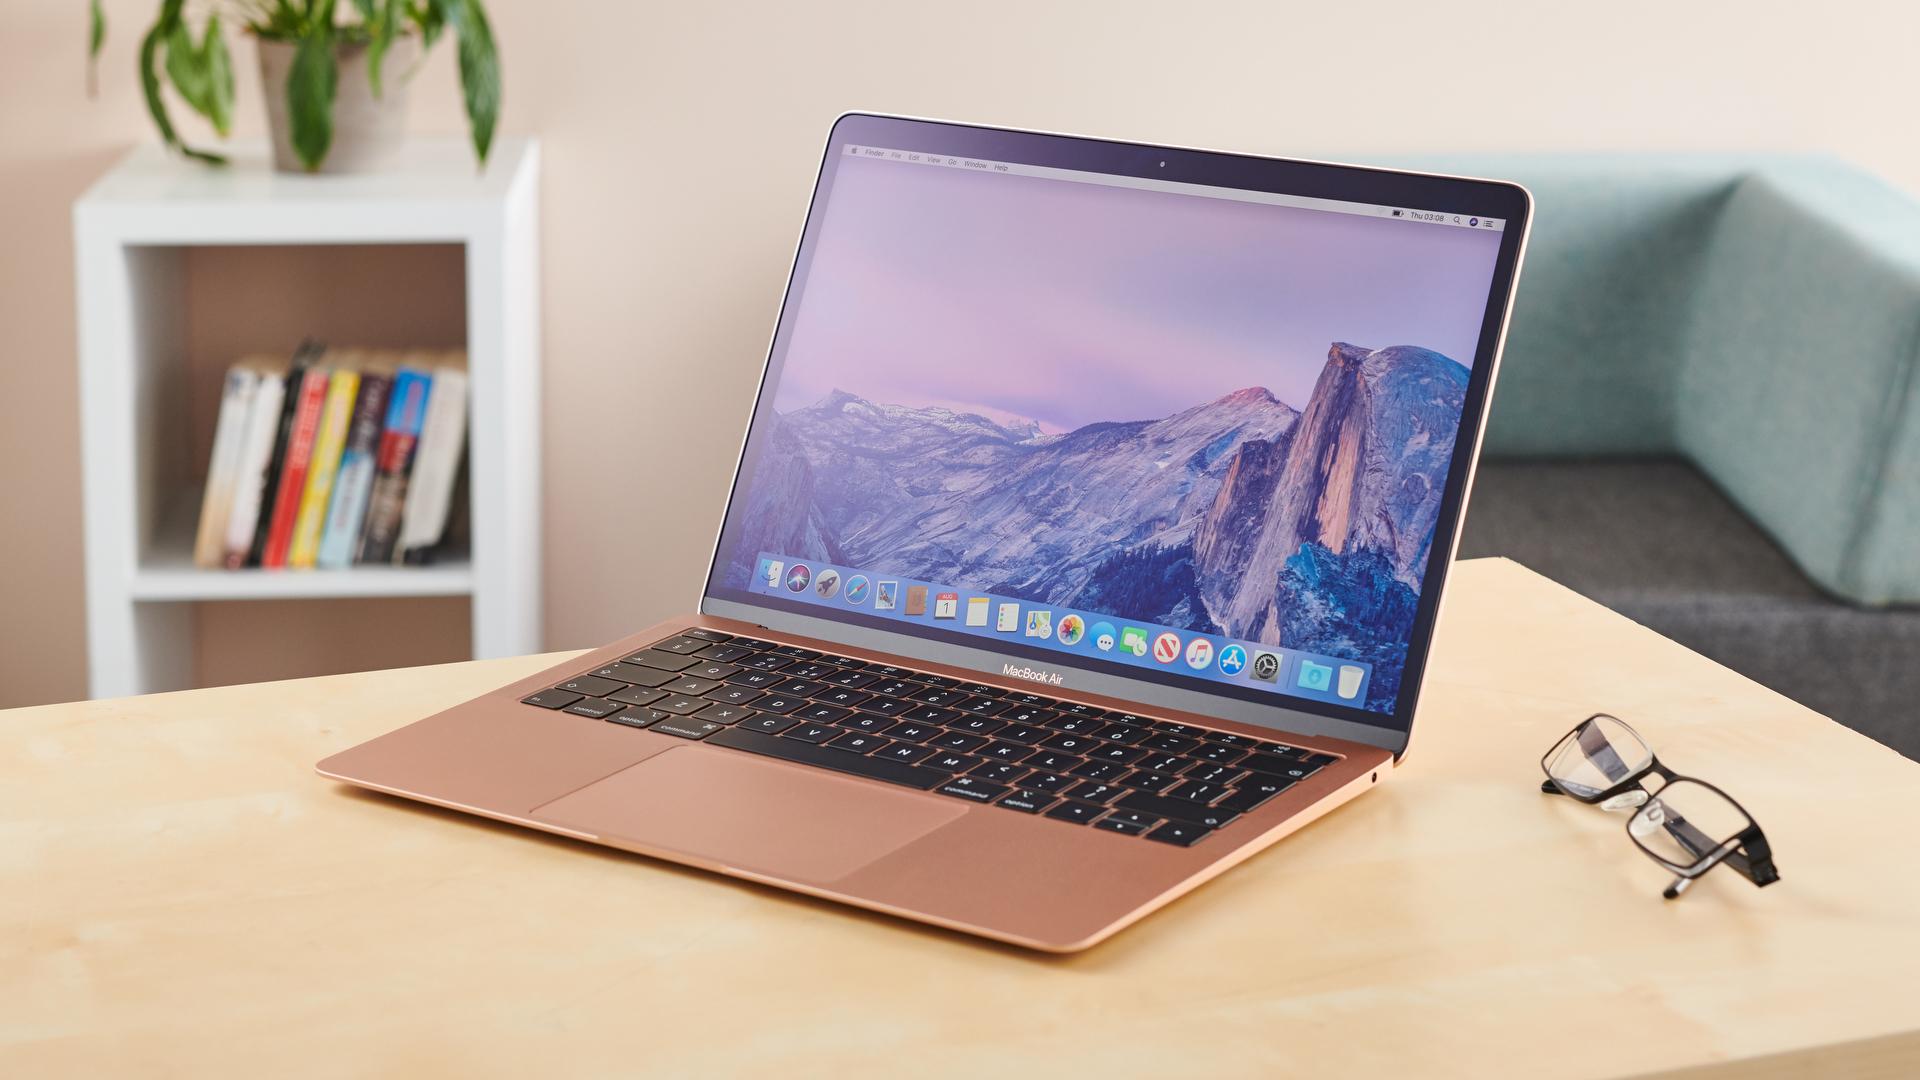 Avaliação novo Macbook